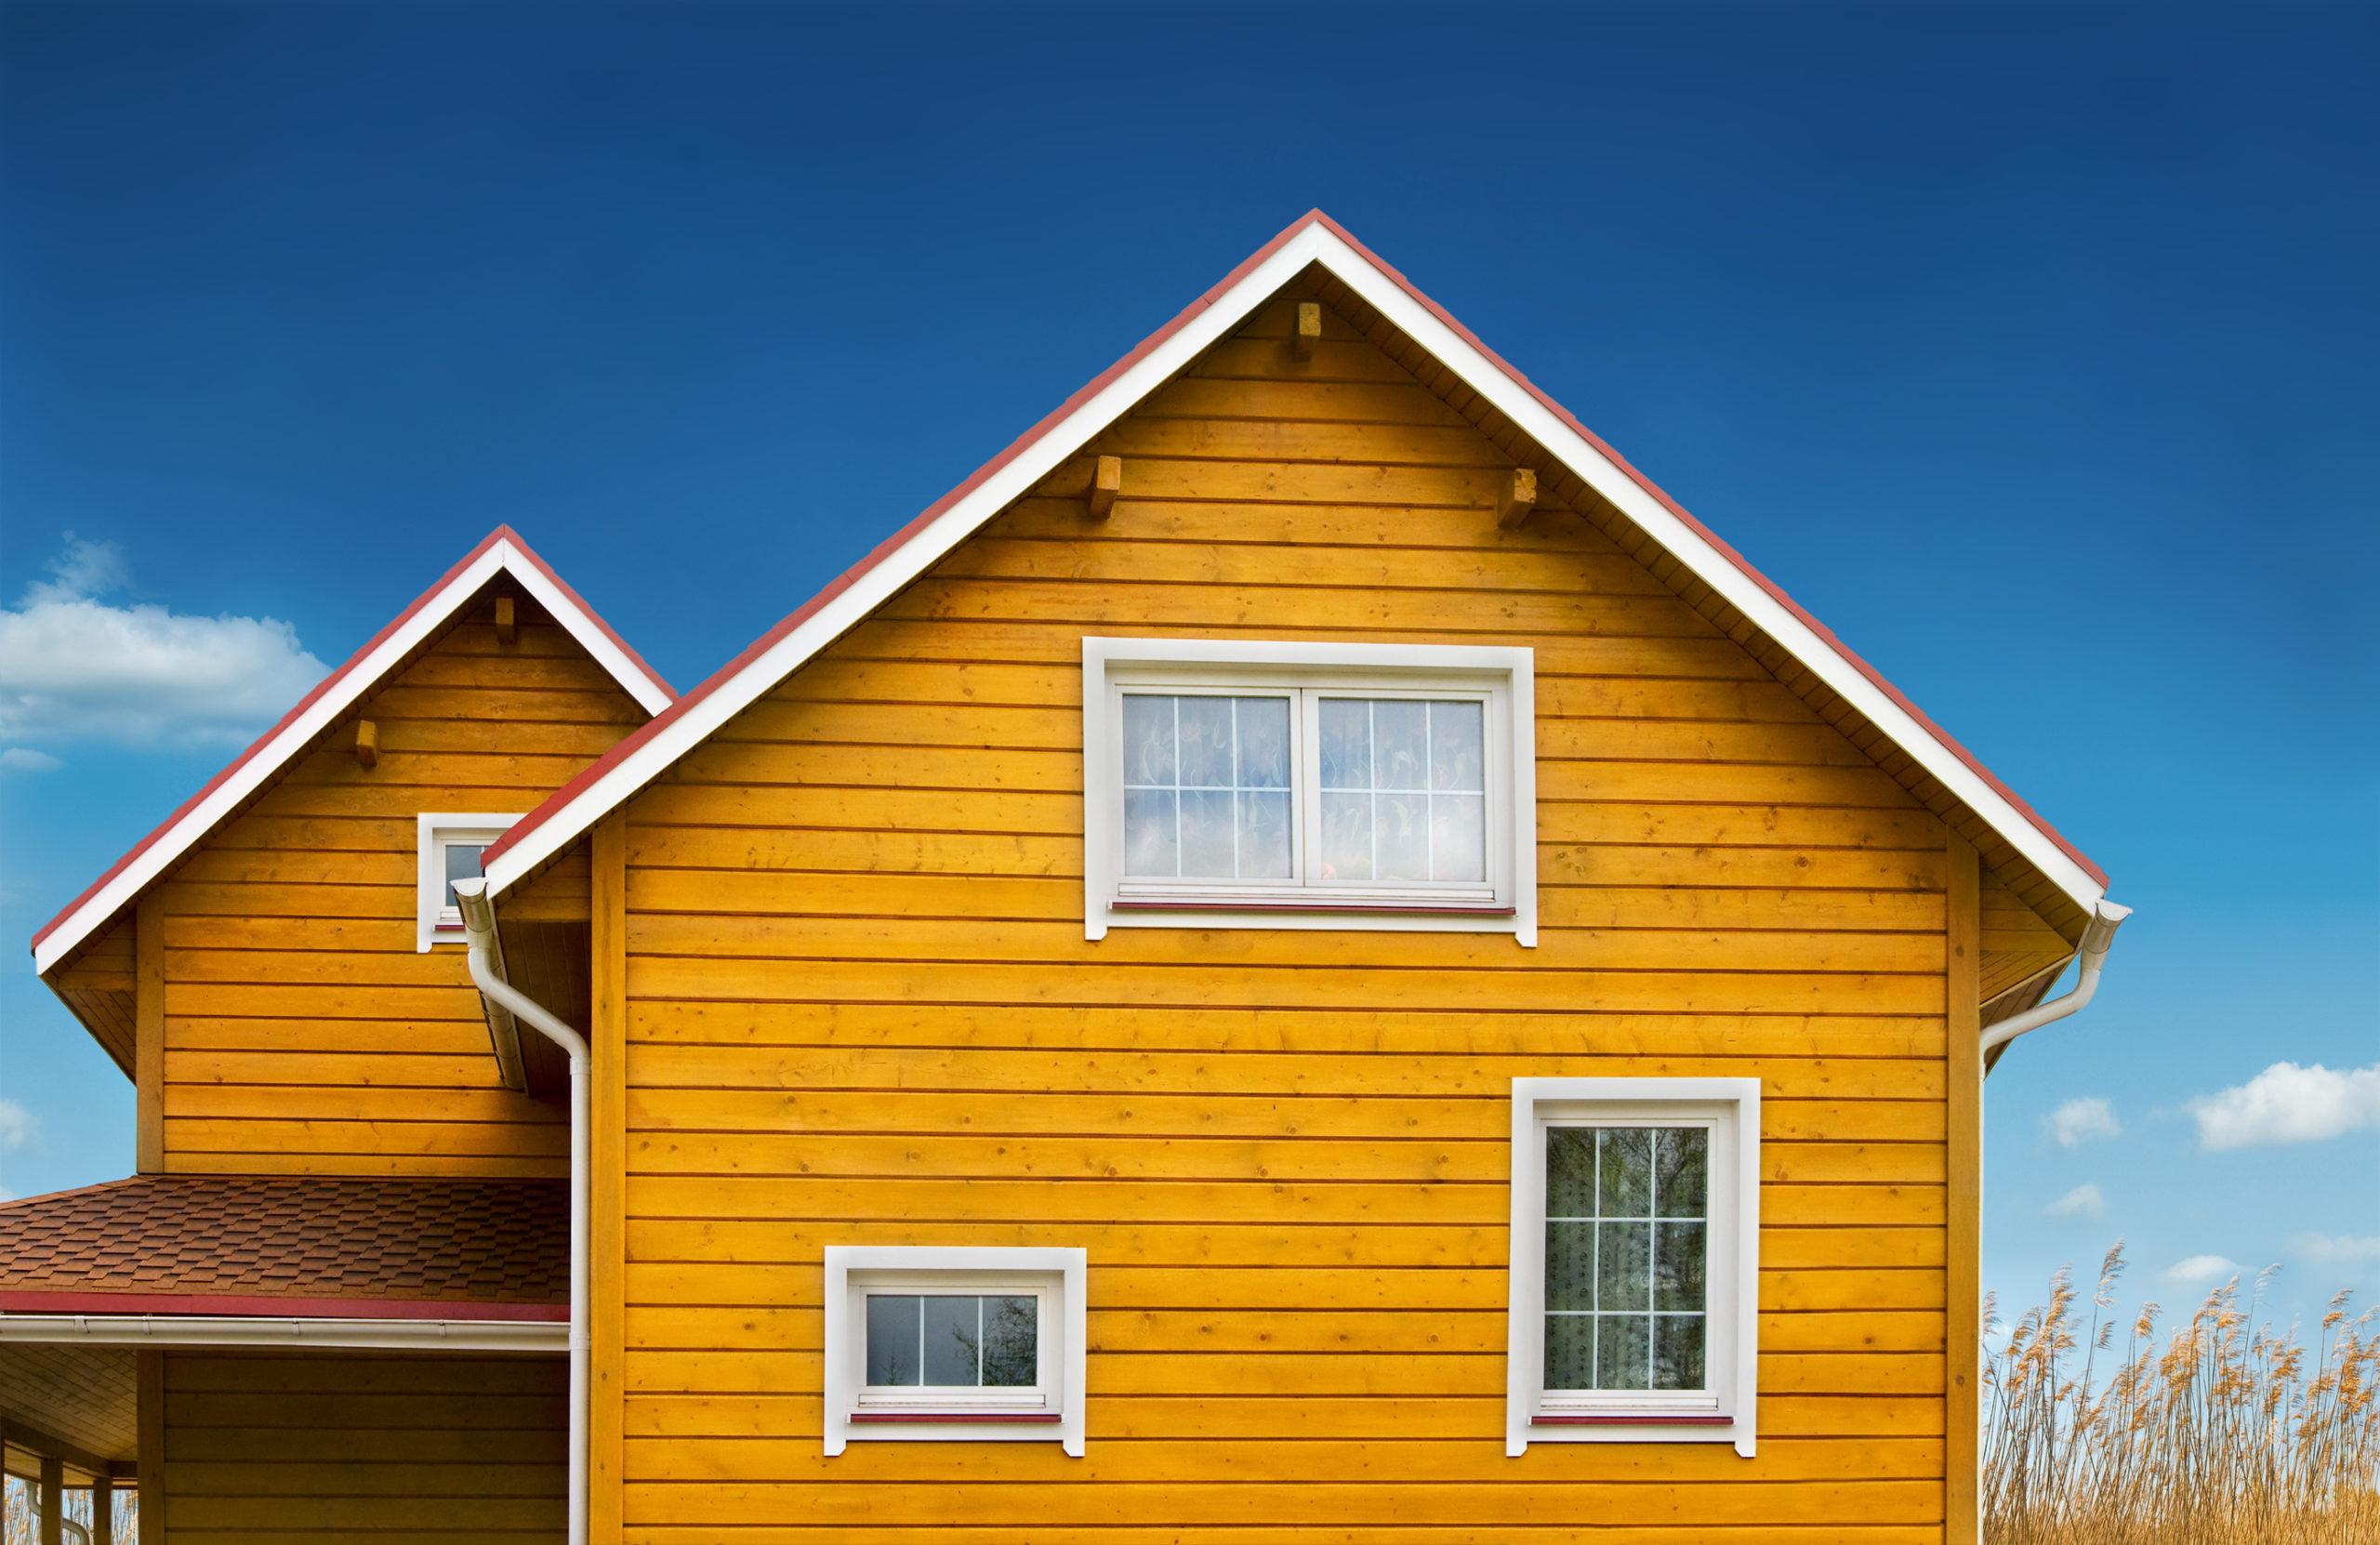 Comment annuler la vente d'un bien immobilier ?